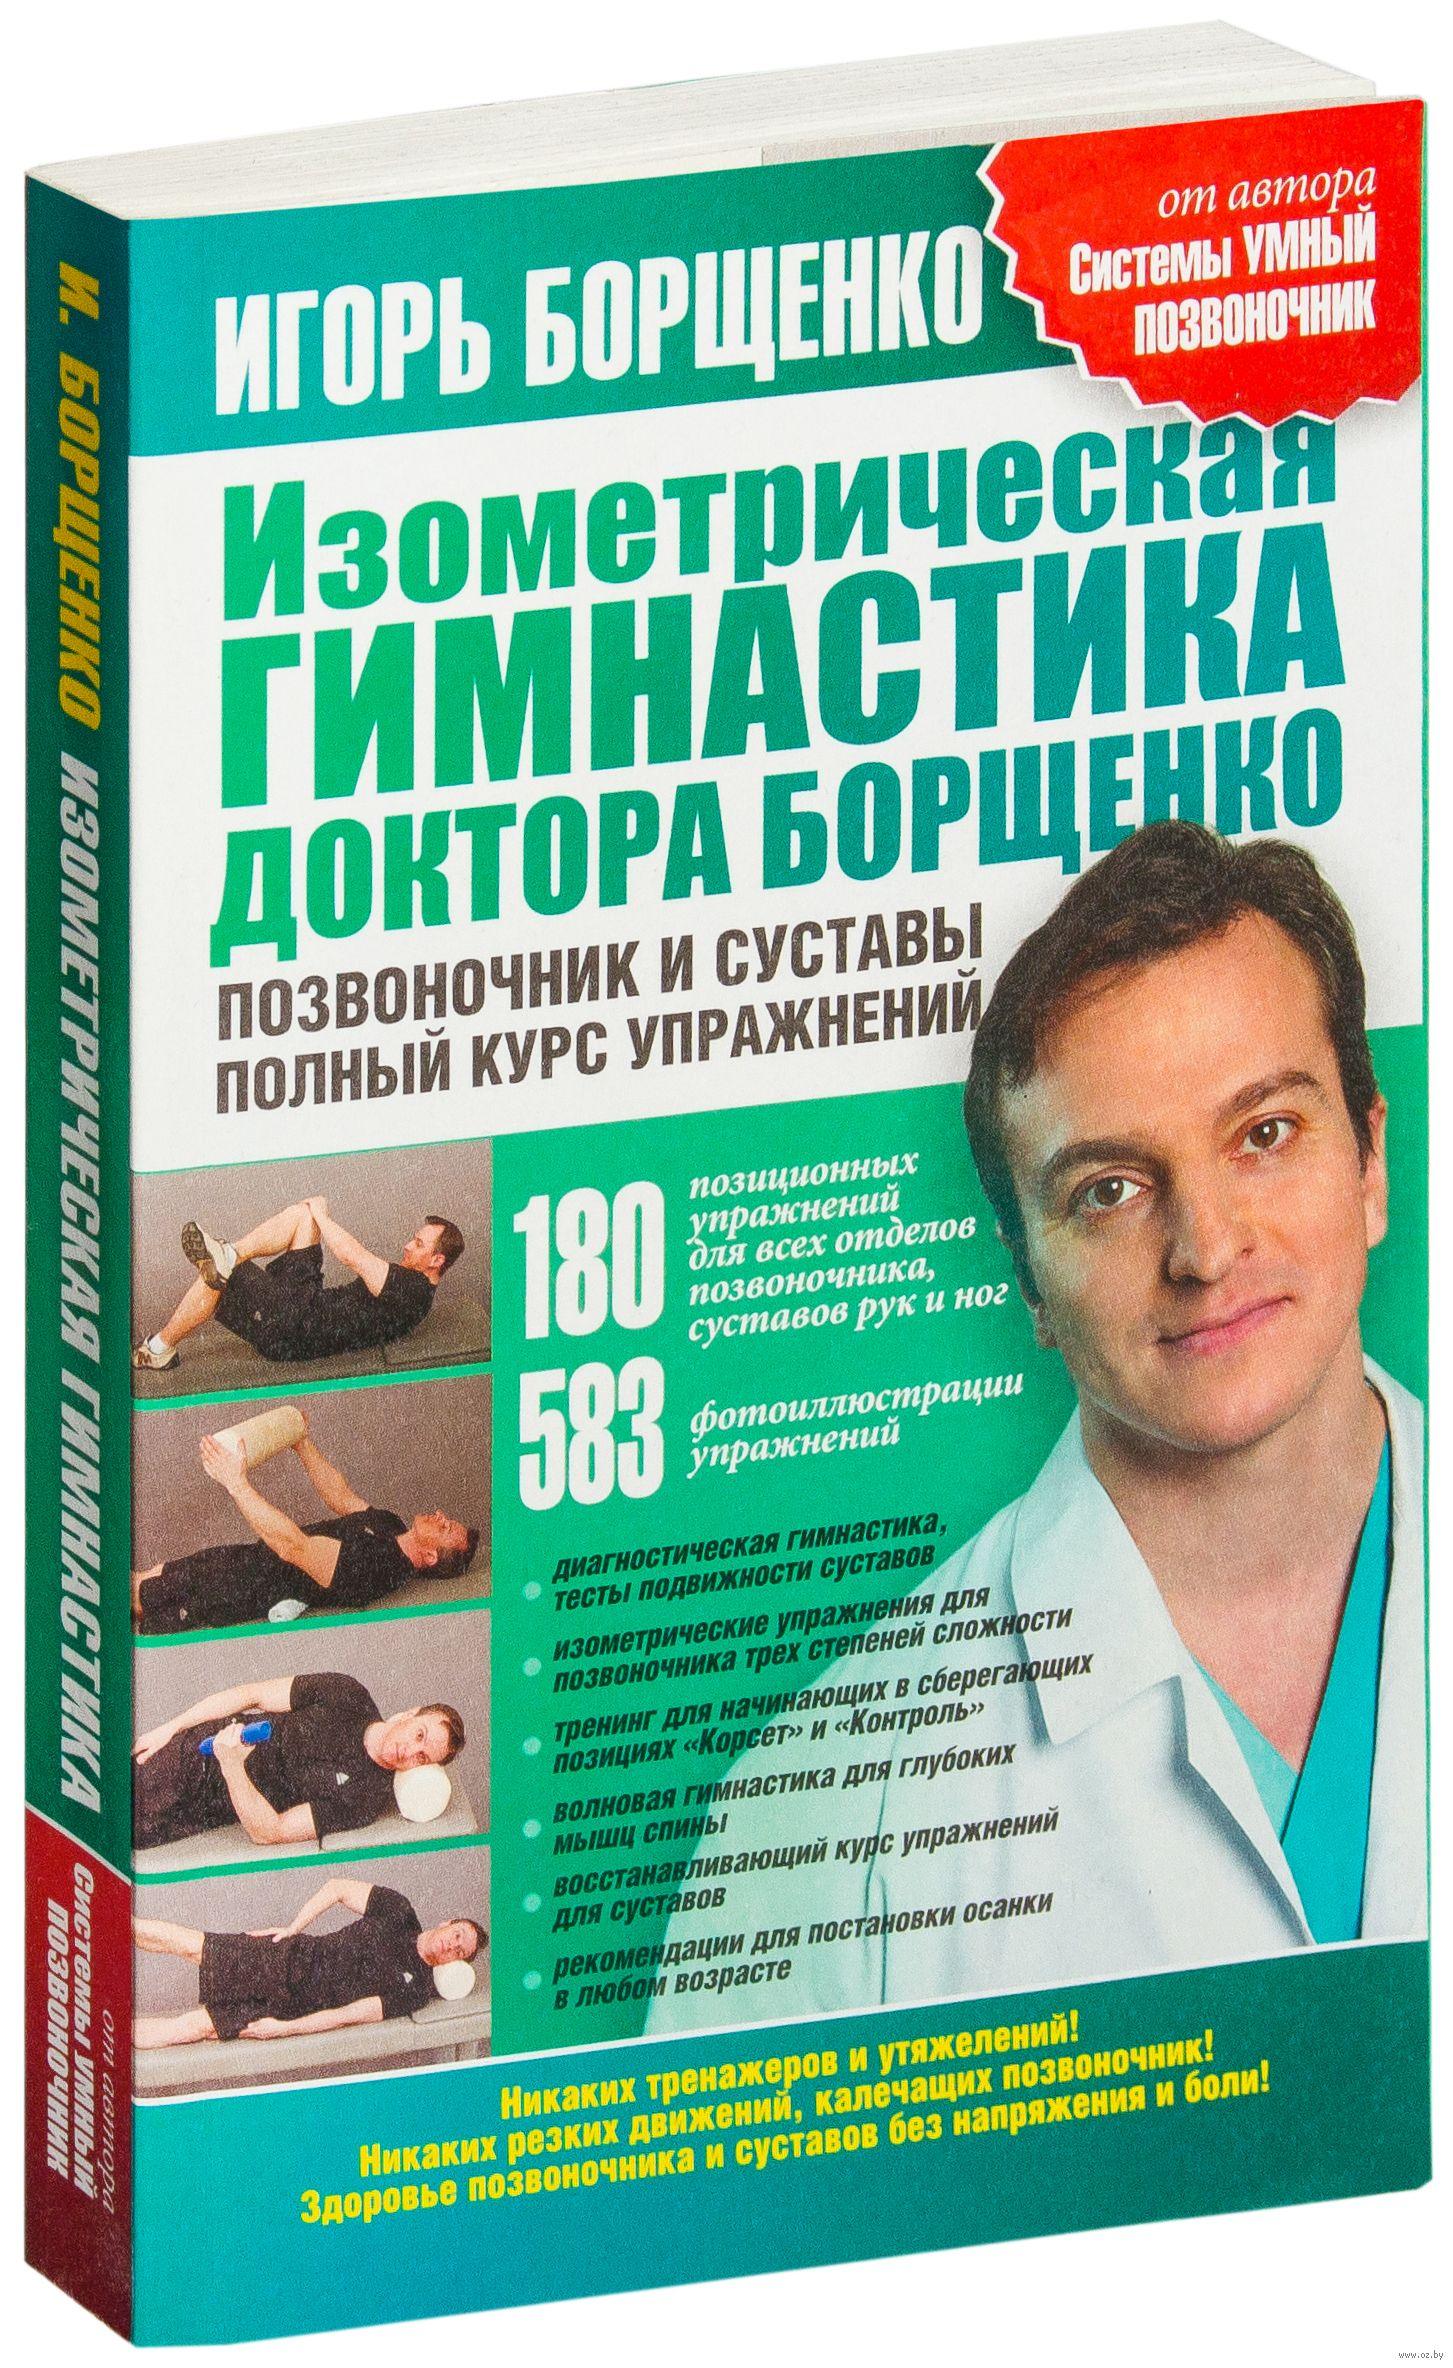 Игорь борщенко партерная гимнастика для позвоночника и суставов лфк для околосуставных мышц